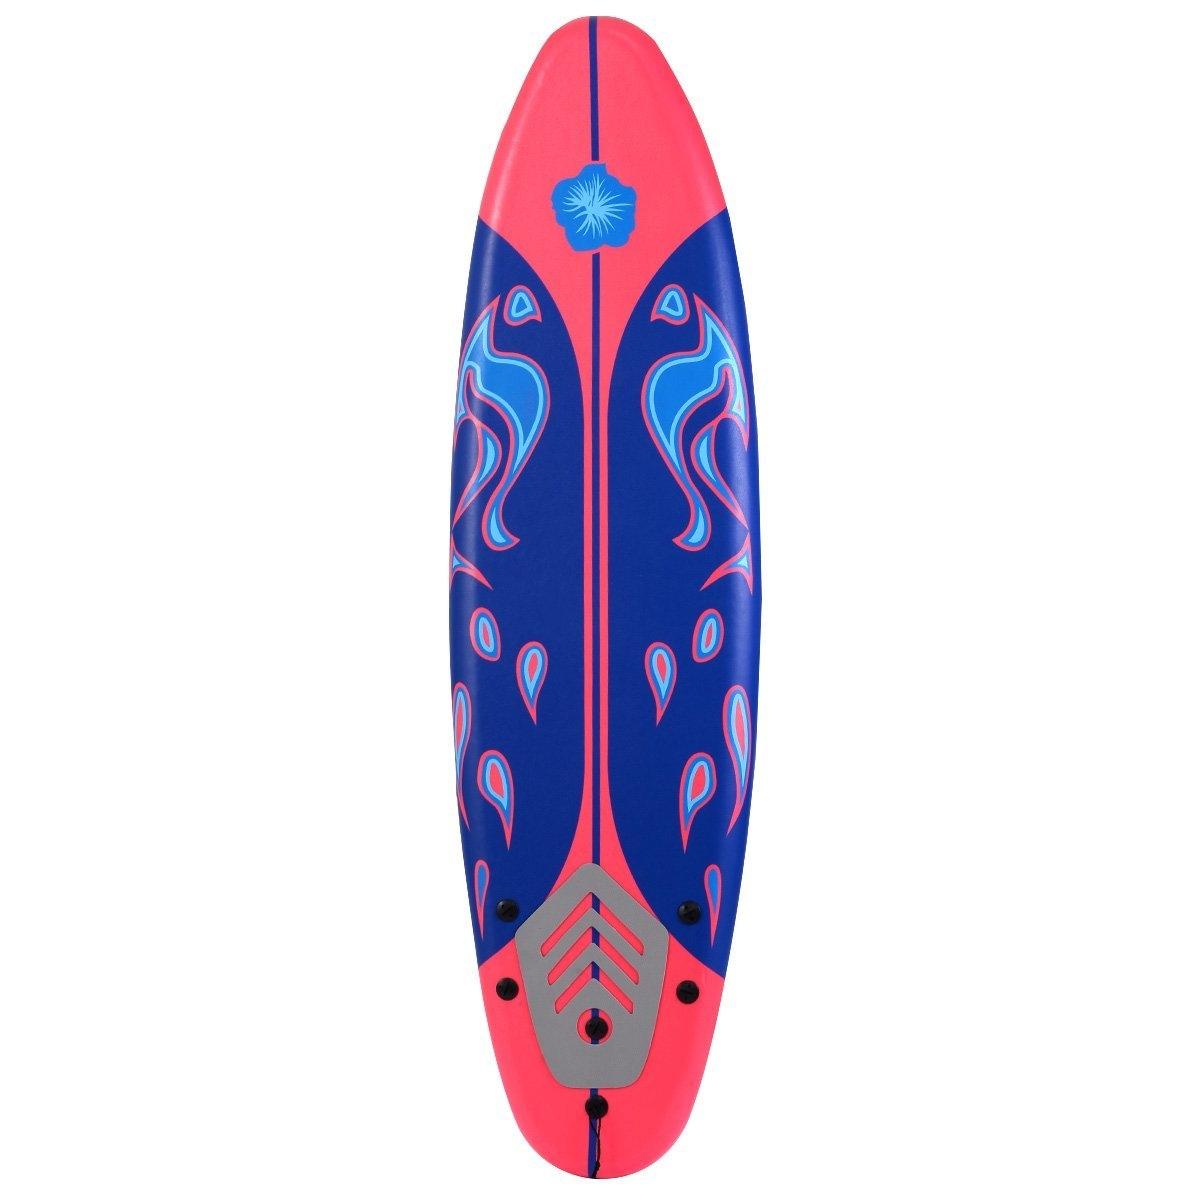 New MTN-G 6' Surfboard Surf Foamie Boards Surfing Beach Ocean Body Boarding Red by Giantex